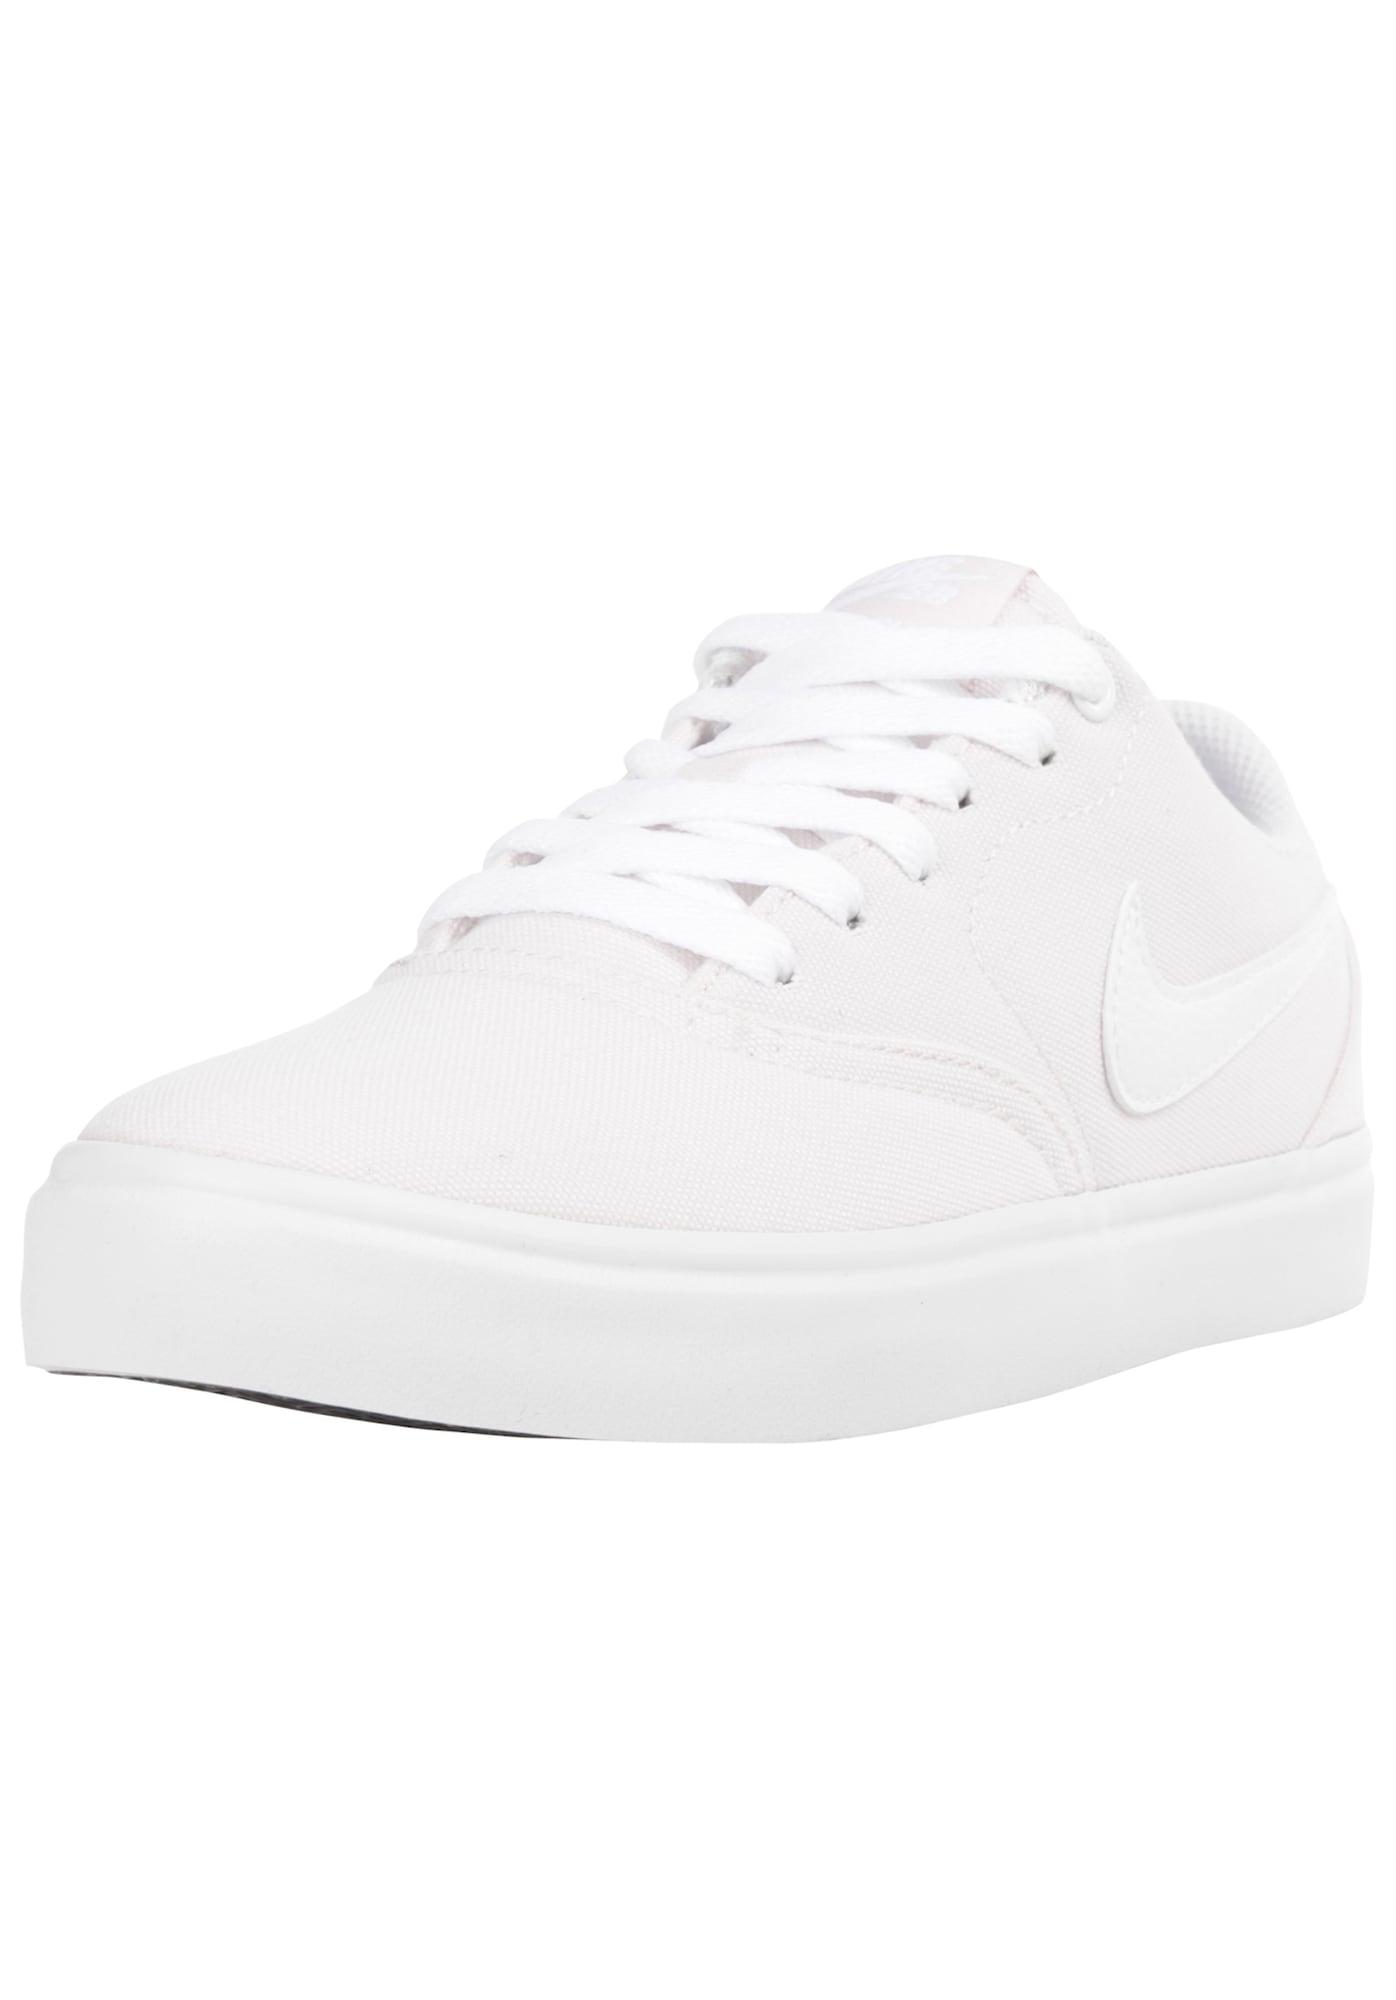 Sportovní boty Solarsoft Canvas pastelově růžová Nike SB